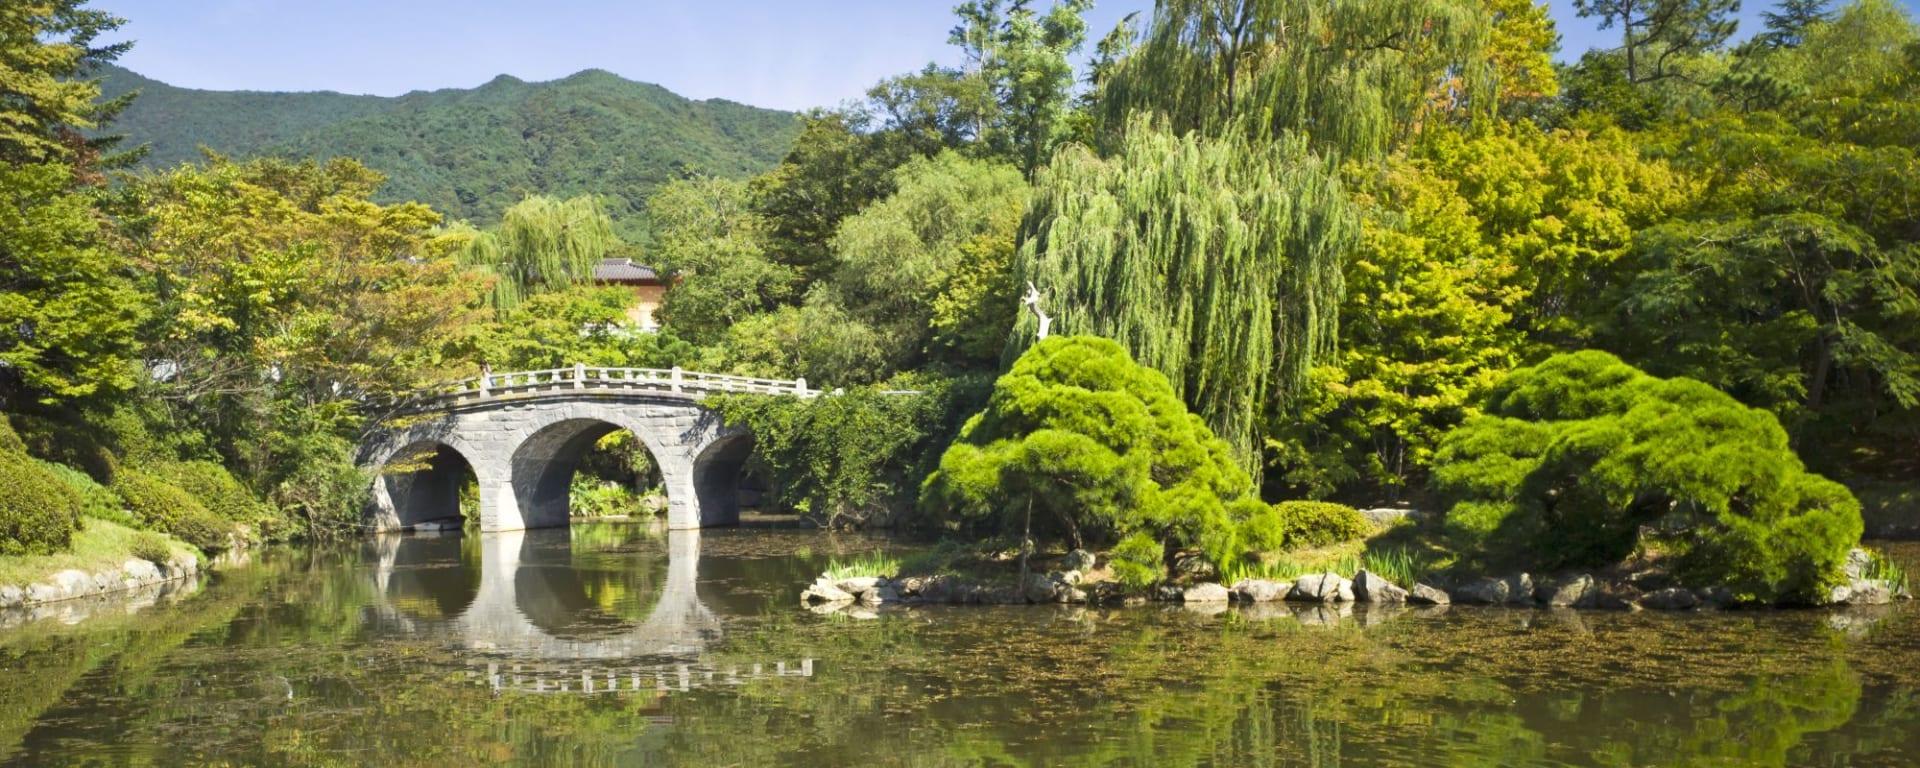 Découverte active de la Corée du Sud de Séoul: Haeinsa temple